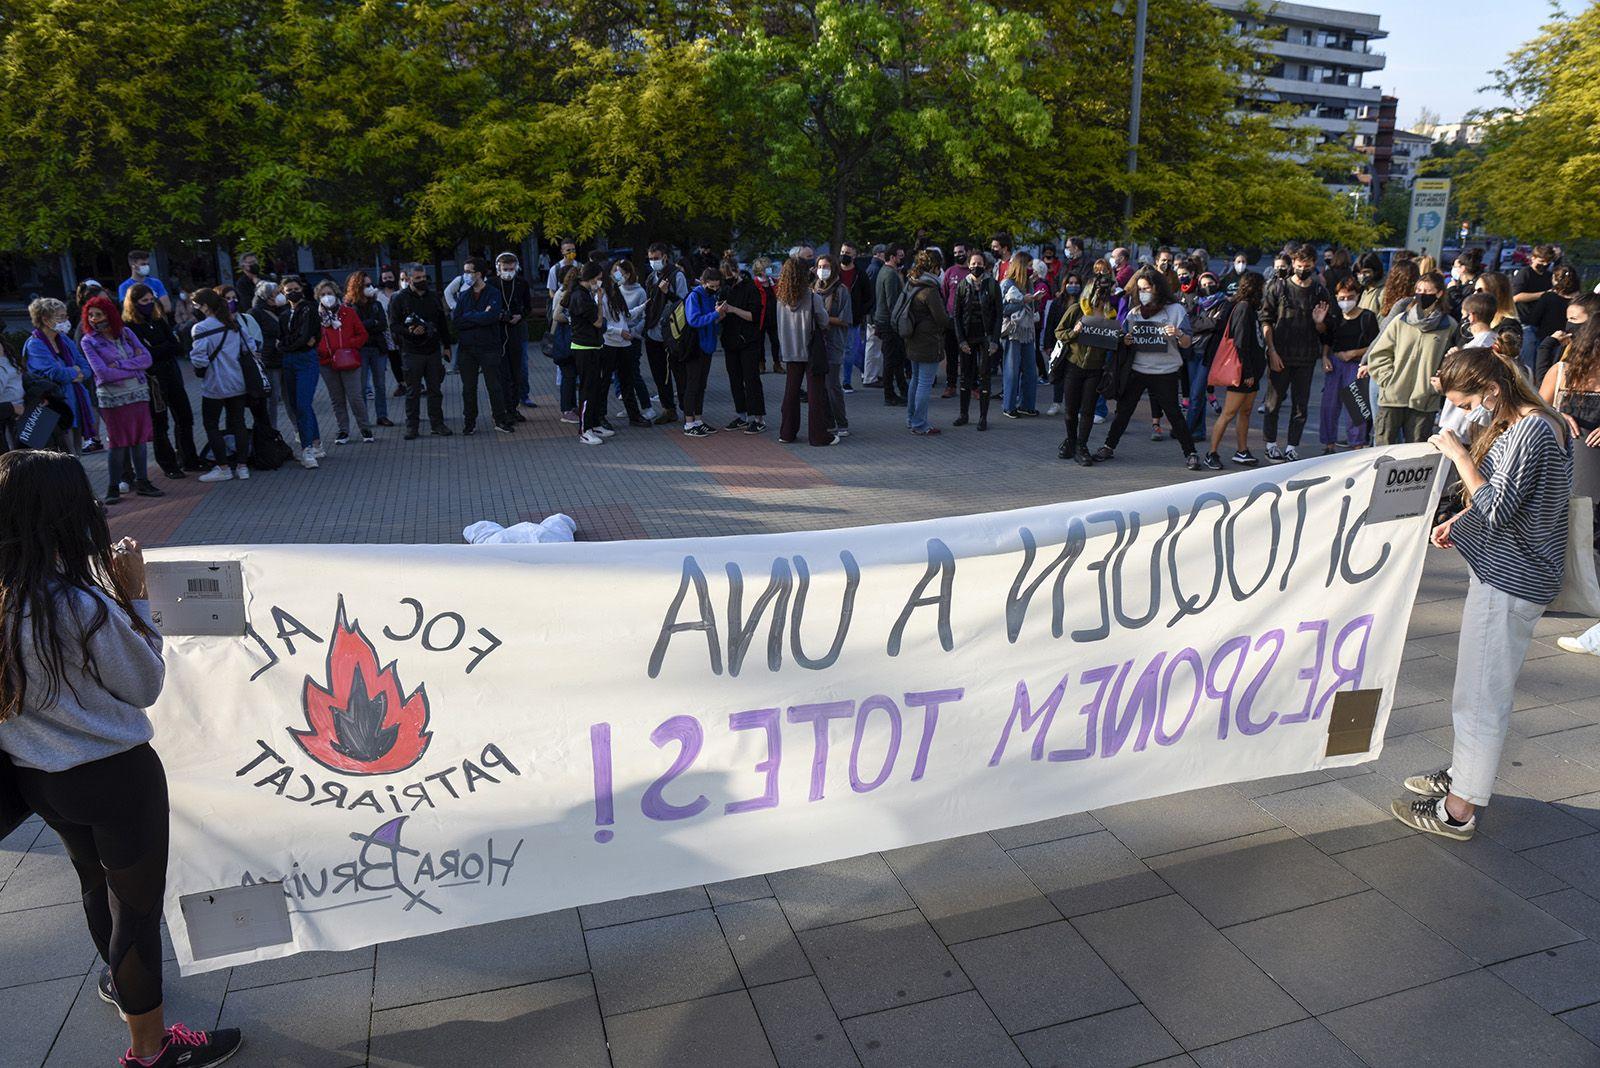 Concentració feminista denuncia l'abús sexual a una menor. Fotos Bernat Millet 4